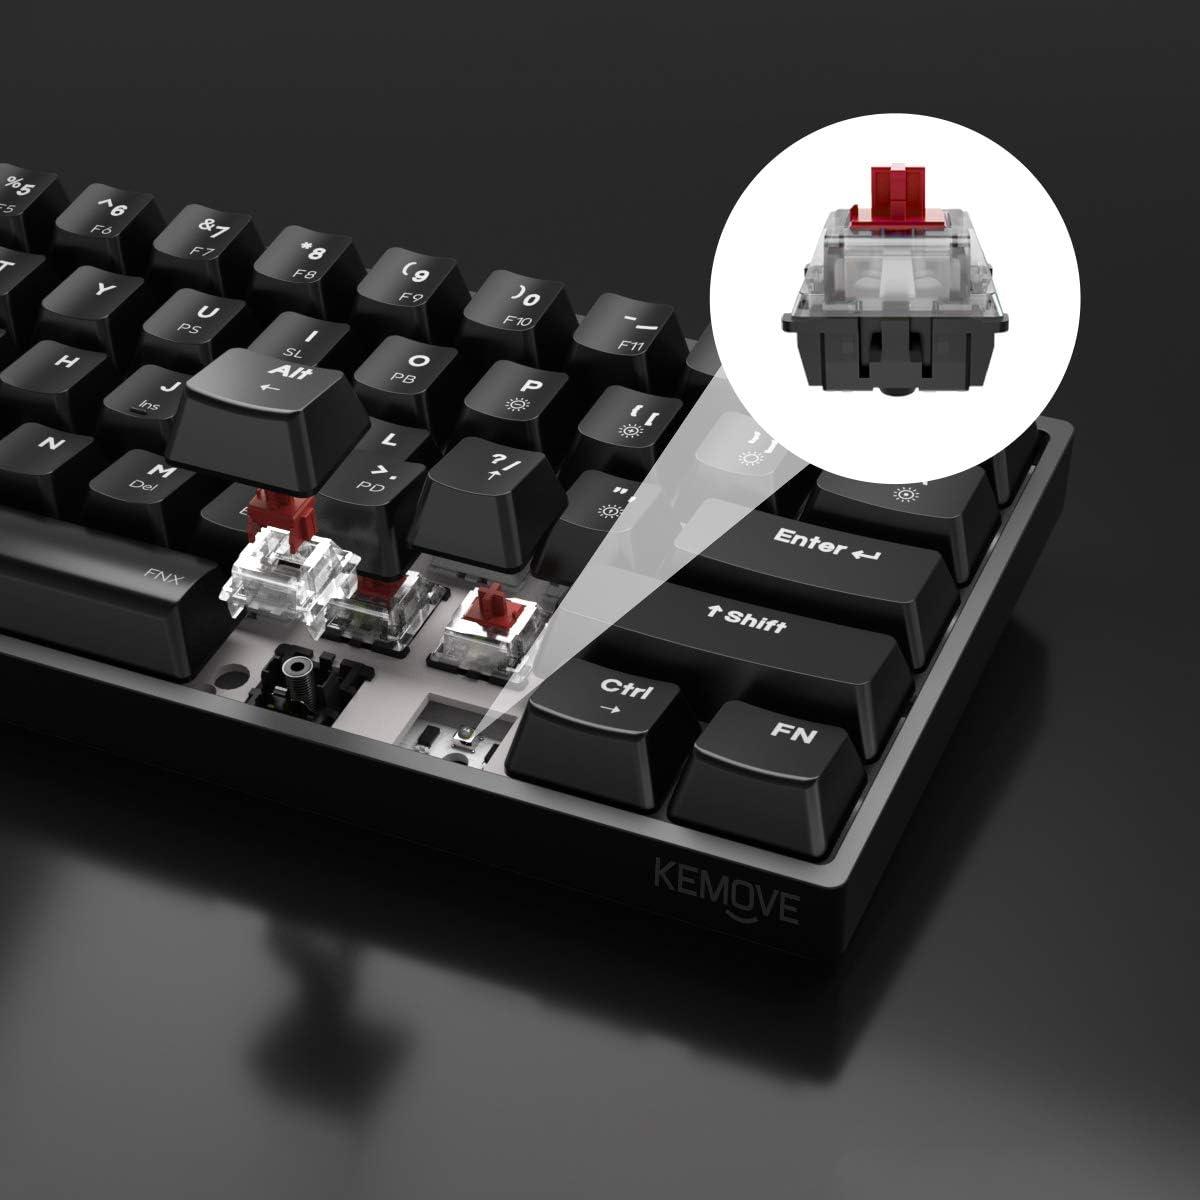 Clavier m/écanique DK61 Red Switch